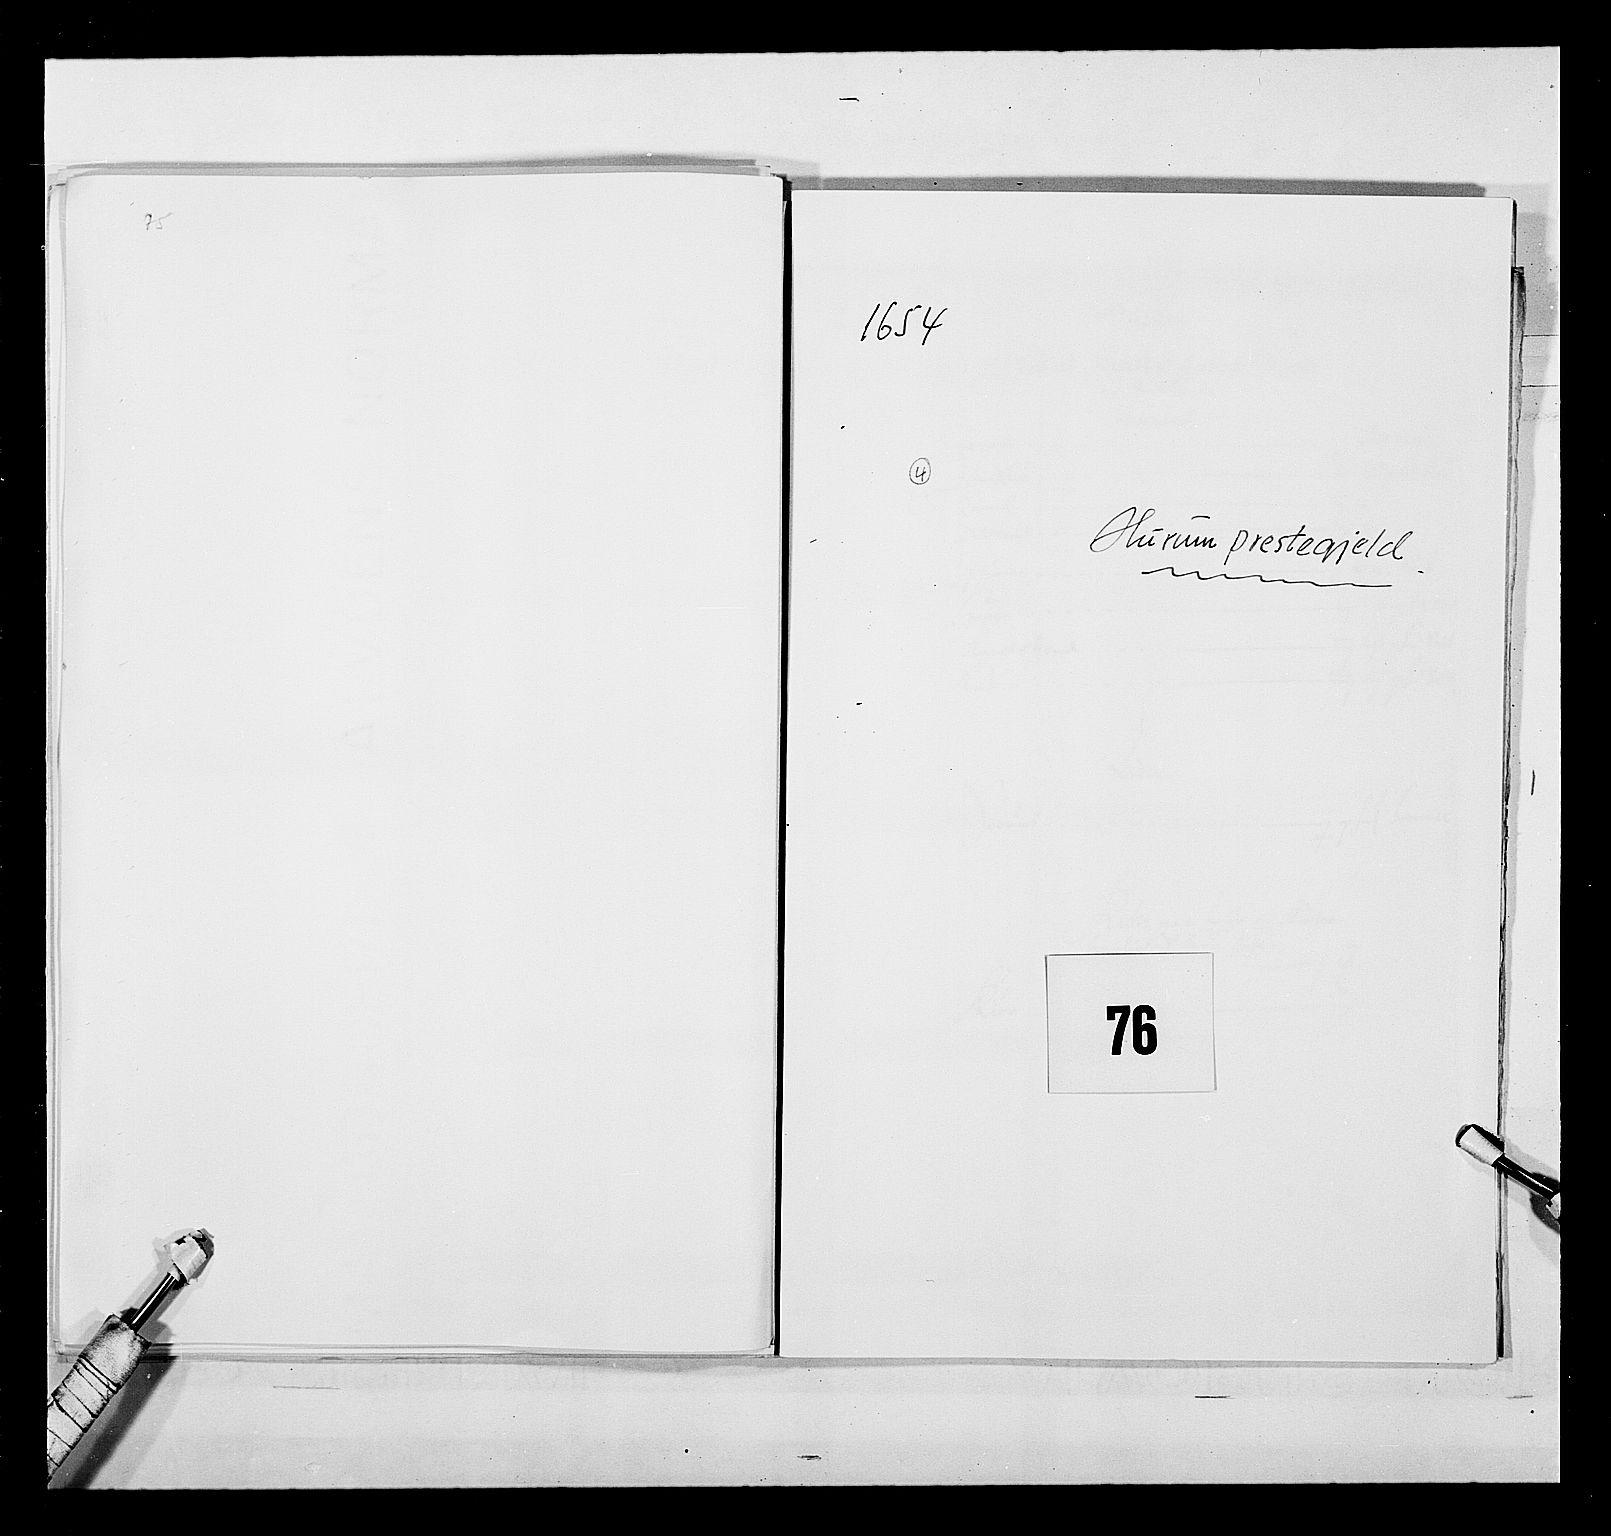 RA, Stattholderembetet 1572-1771, Ek/L0030: Jordebøker 1633-1658:, 1654, s. 351